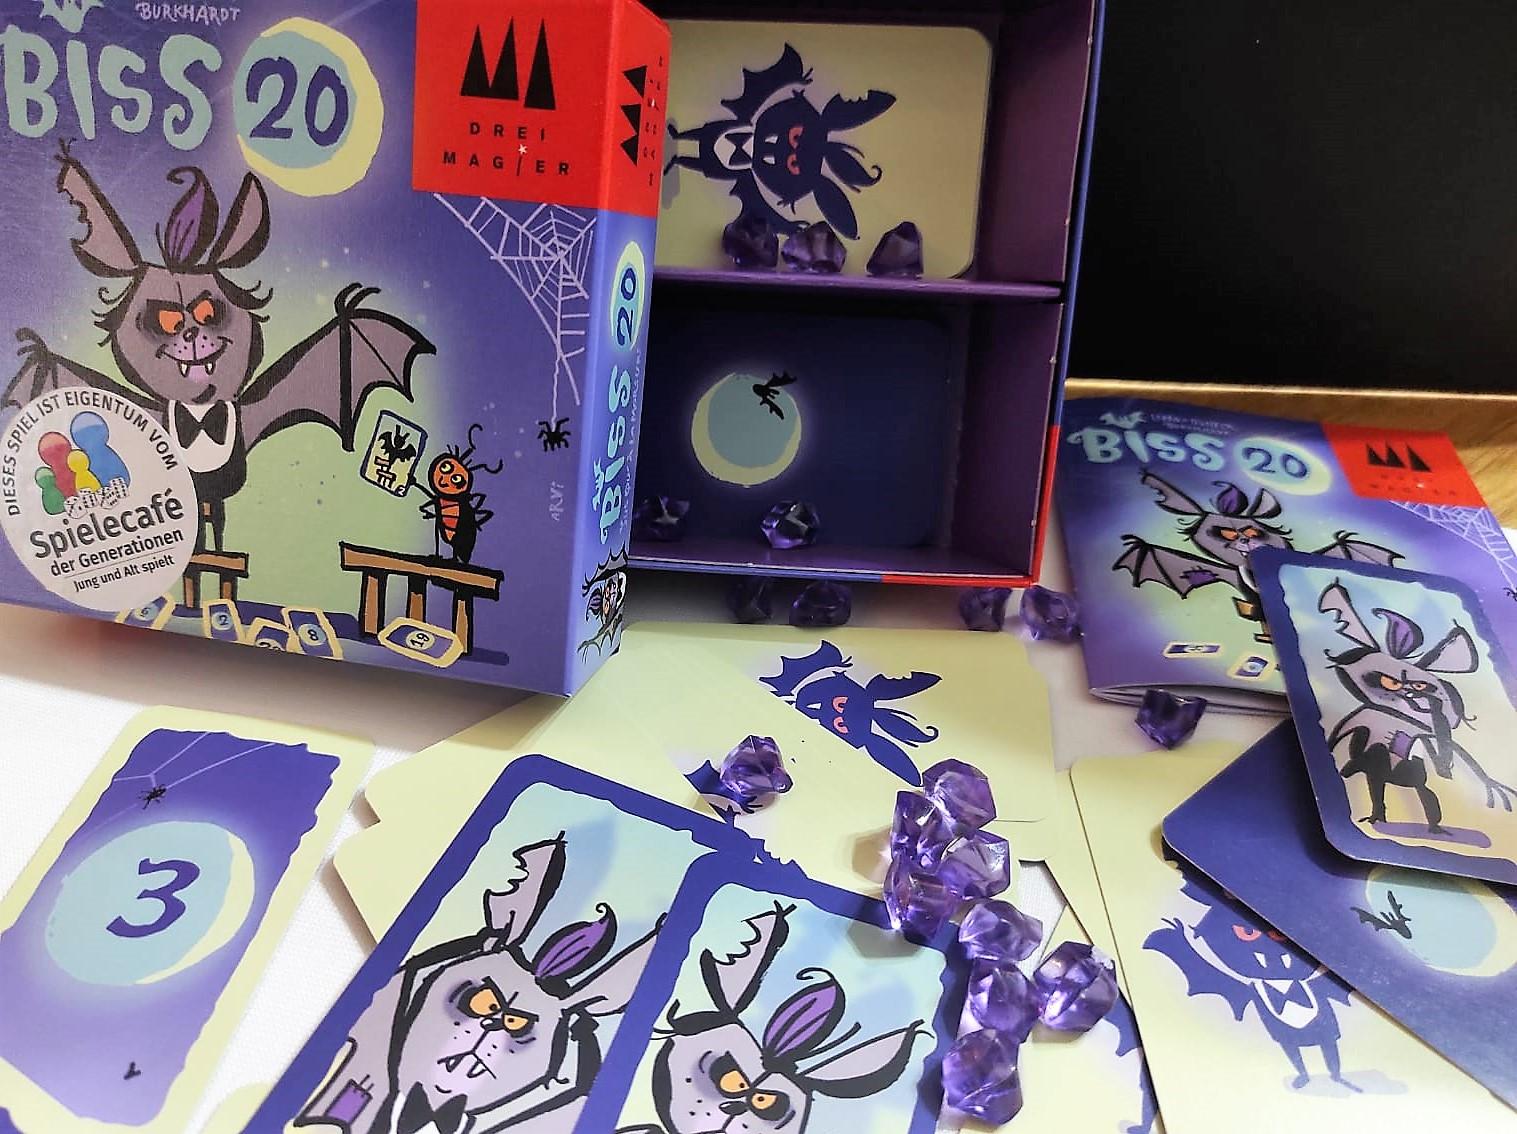 Das Spiel ist in violetten Tönen gestaltet und zeigt die Karten und Edelsteine.